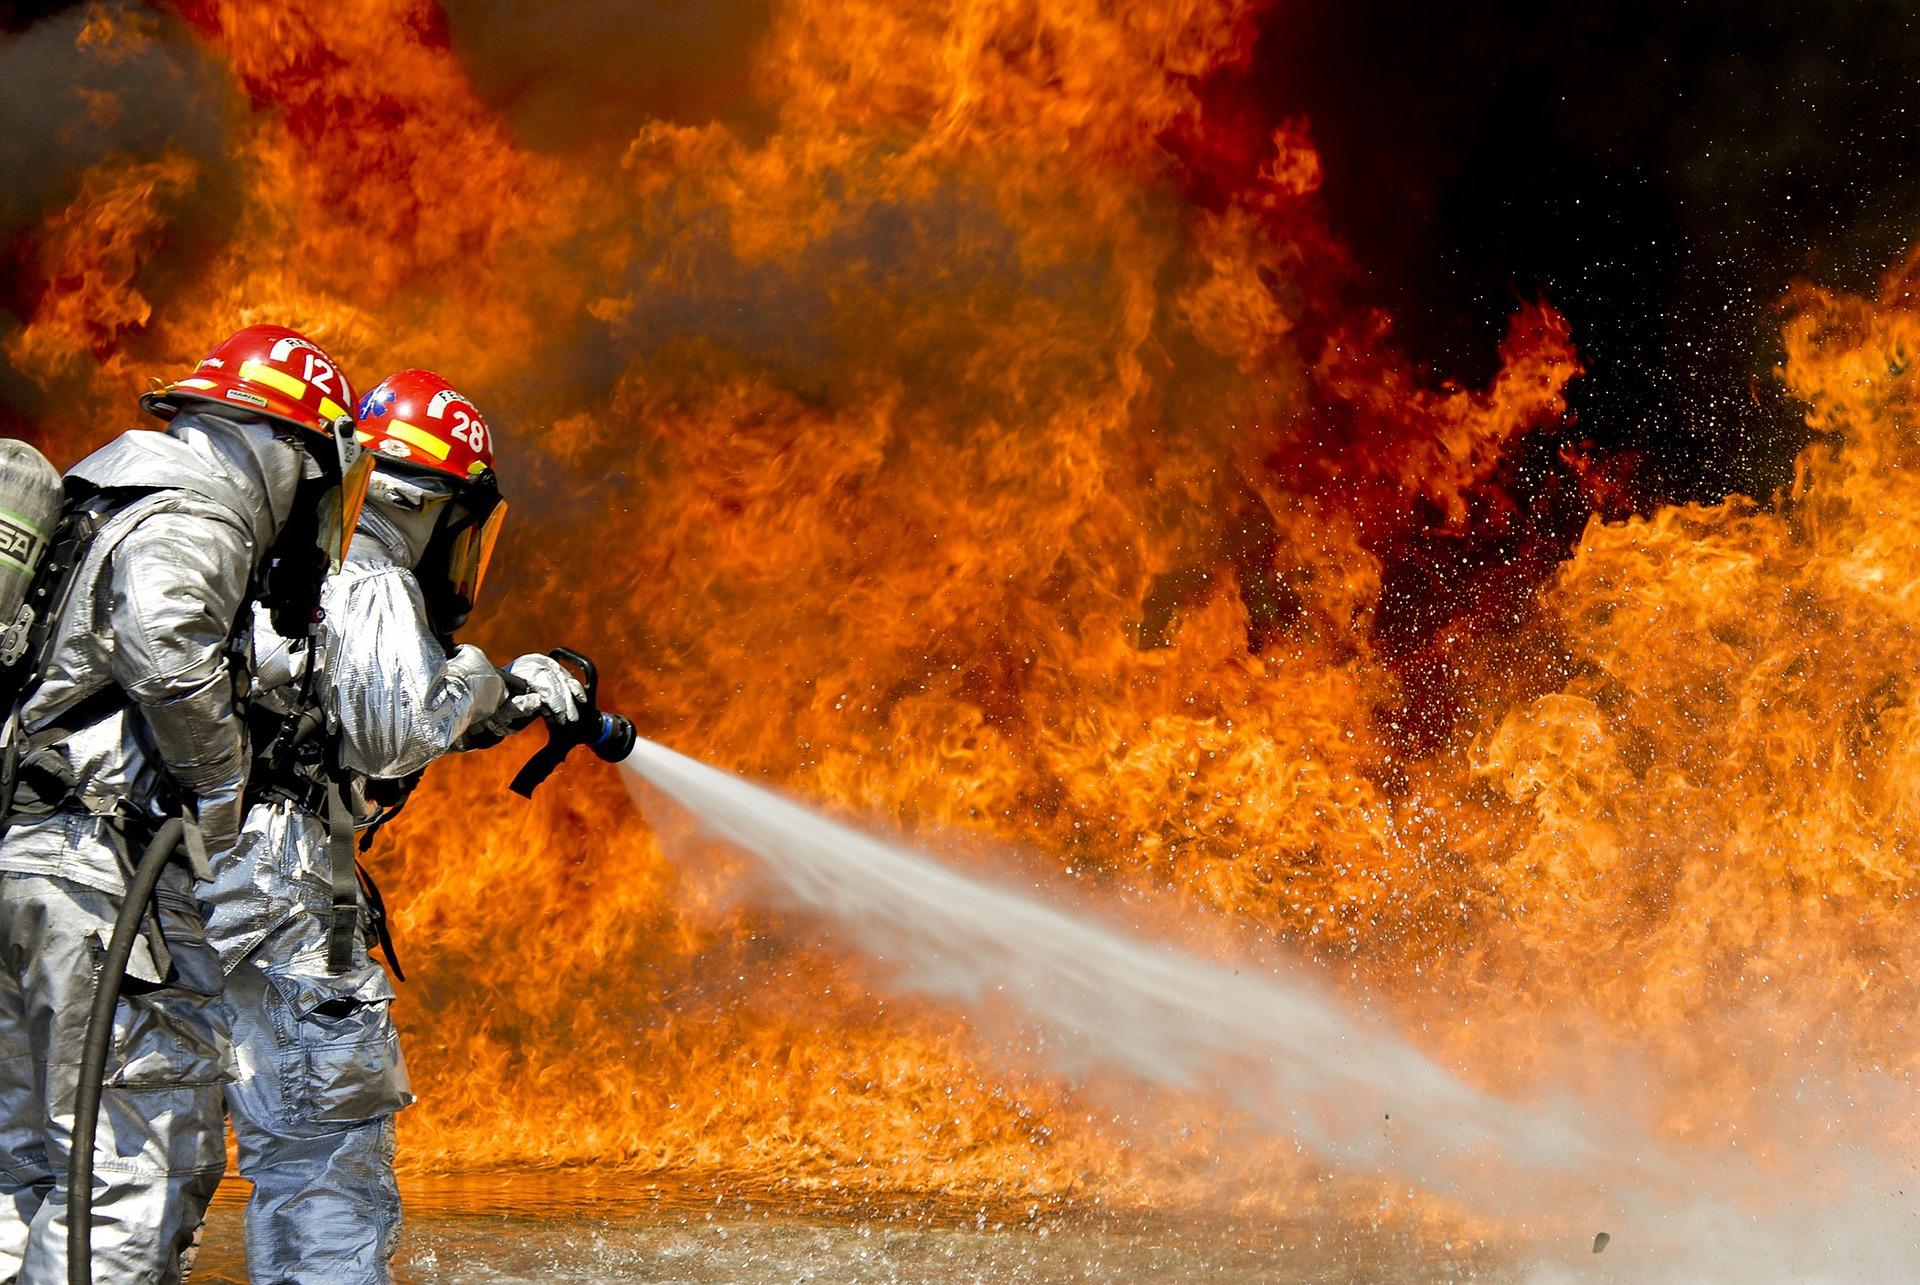 Srednjoškolci kojima je izgorio autobus u Švicarskoj uskoro u Splitu